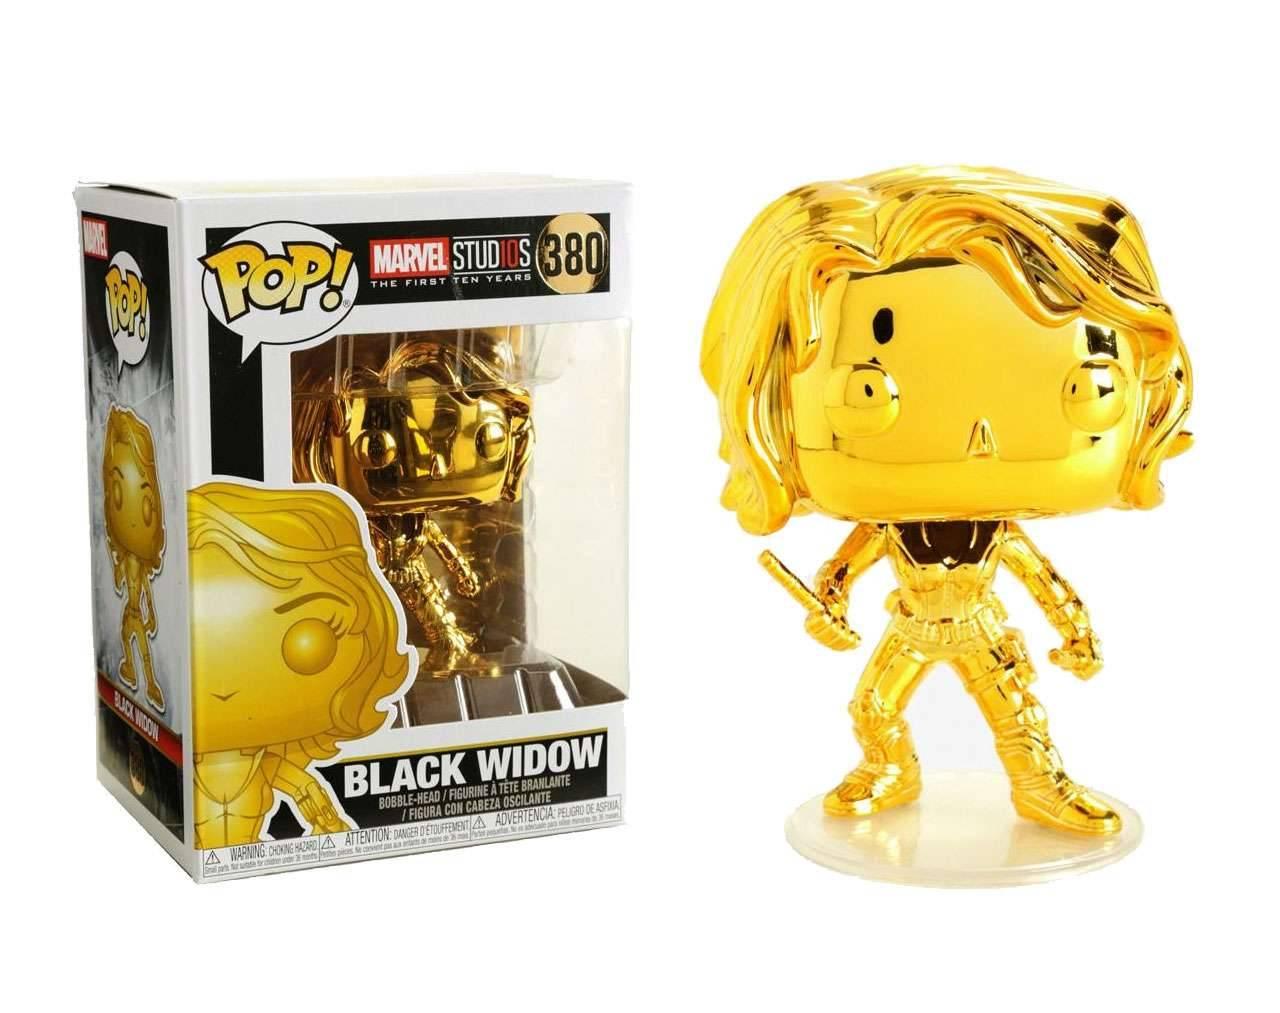 Black Widow (Chrome) Pop! Vinyl